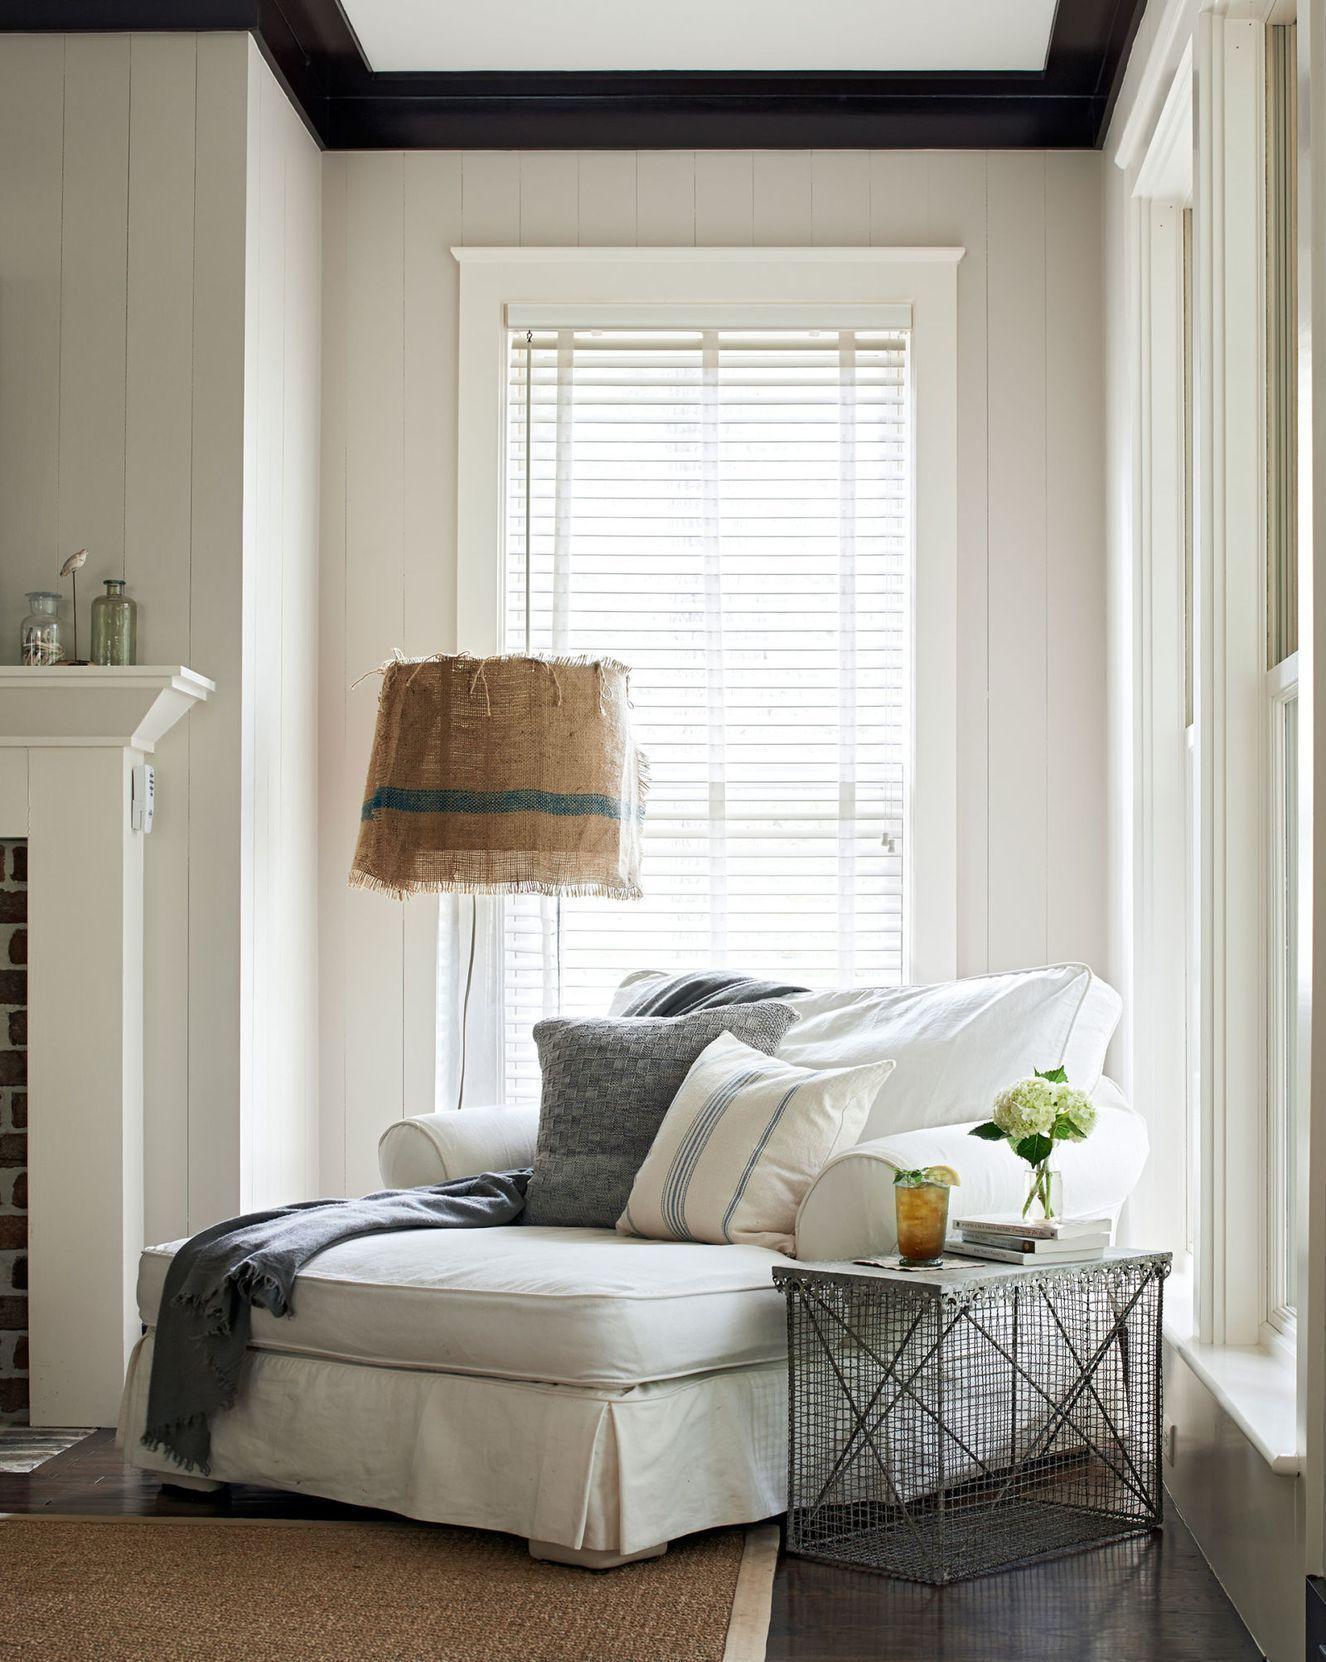 Cozy Romantic Living Room: 46 Romantic Rustic Reading Nook Design Decorating Ideas